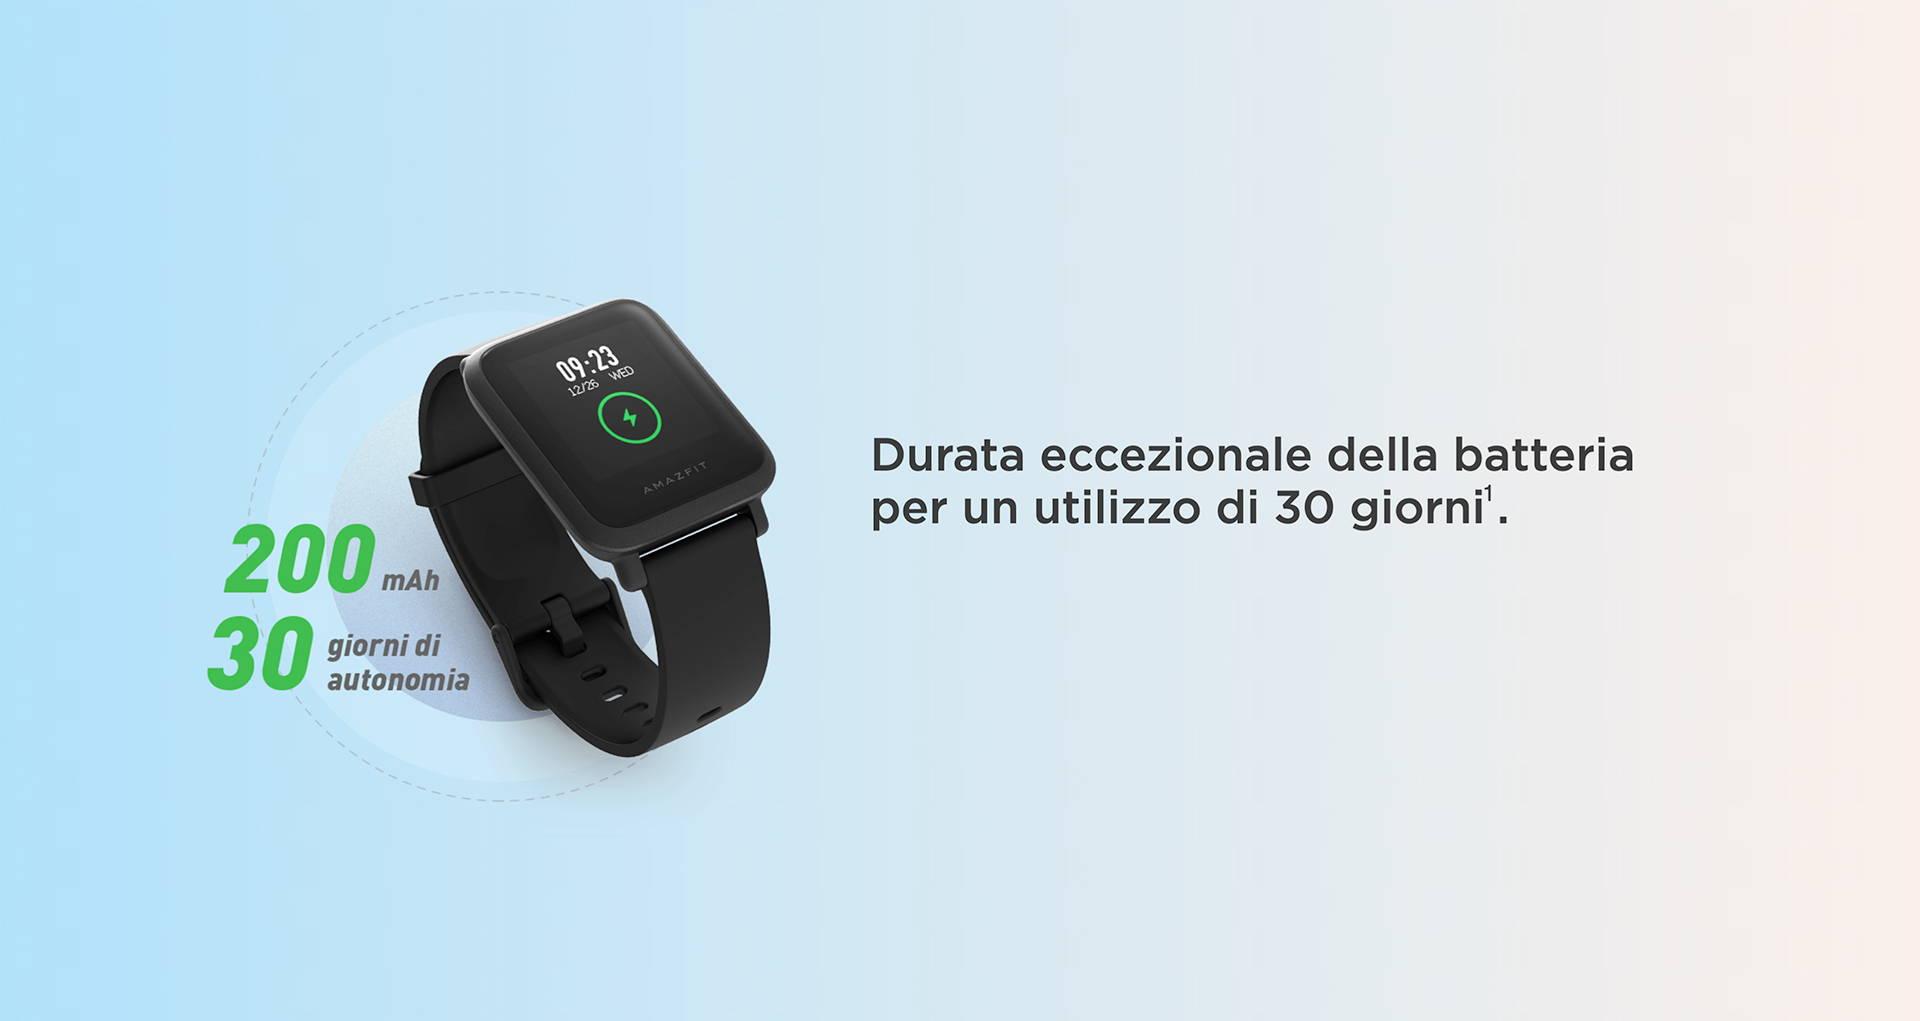 Amazfit IT - Amazfit Bip S Lite - Durata eccezionale della batteria per un utilizzo di 30 giorni.